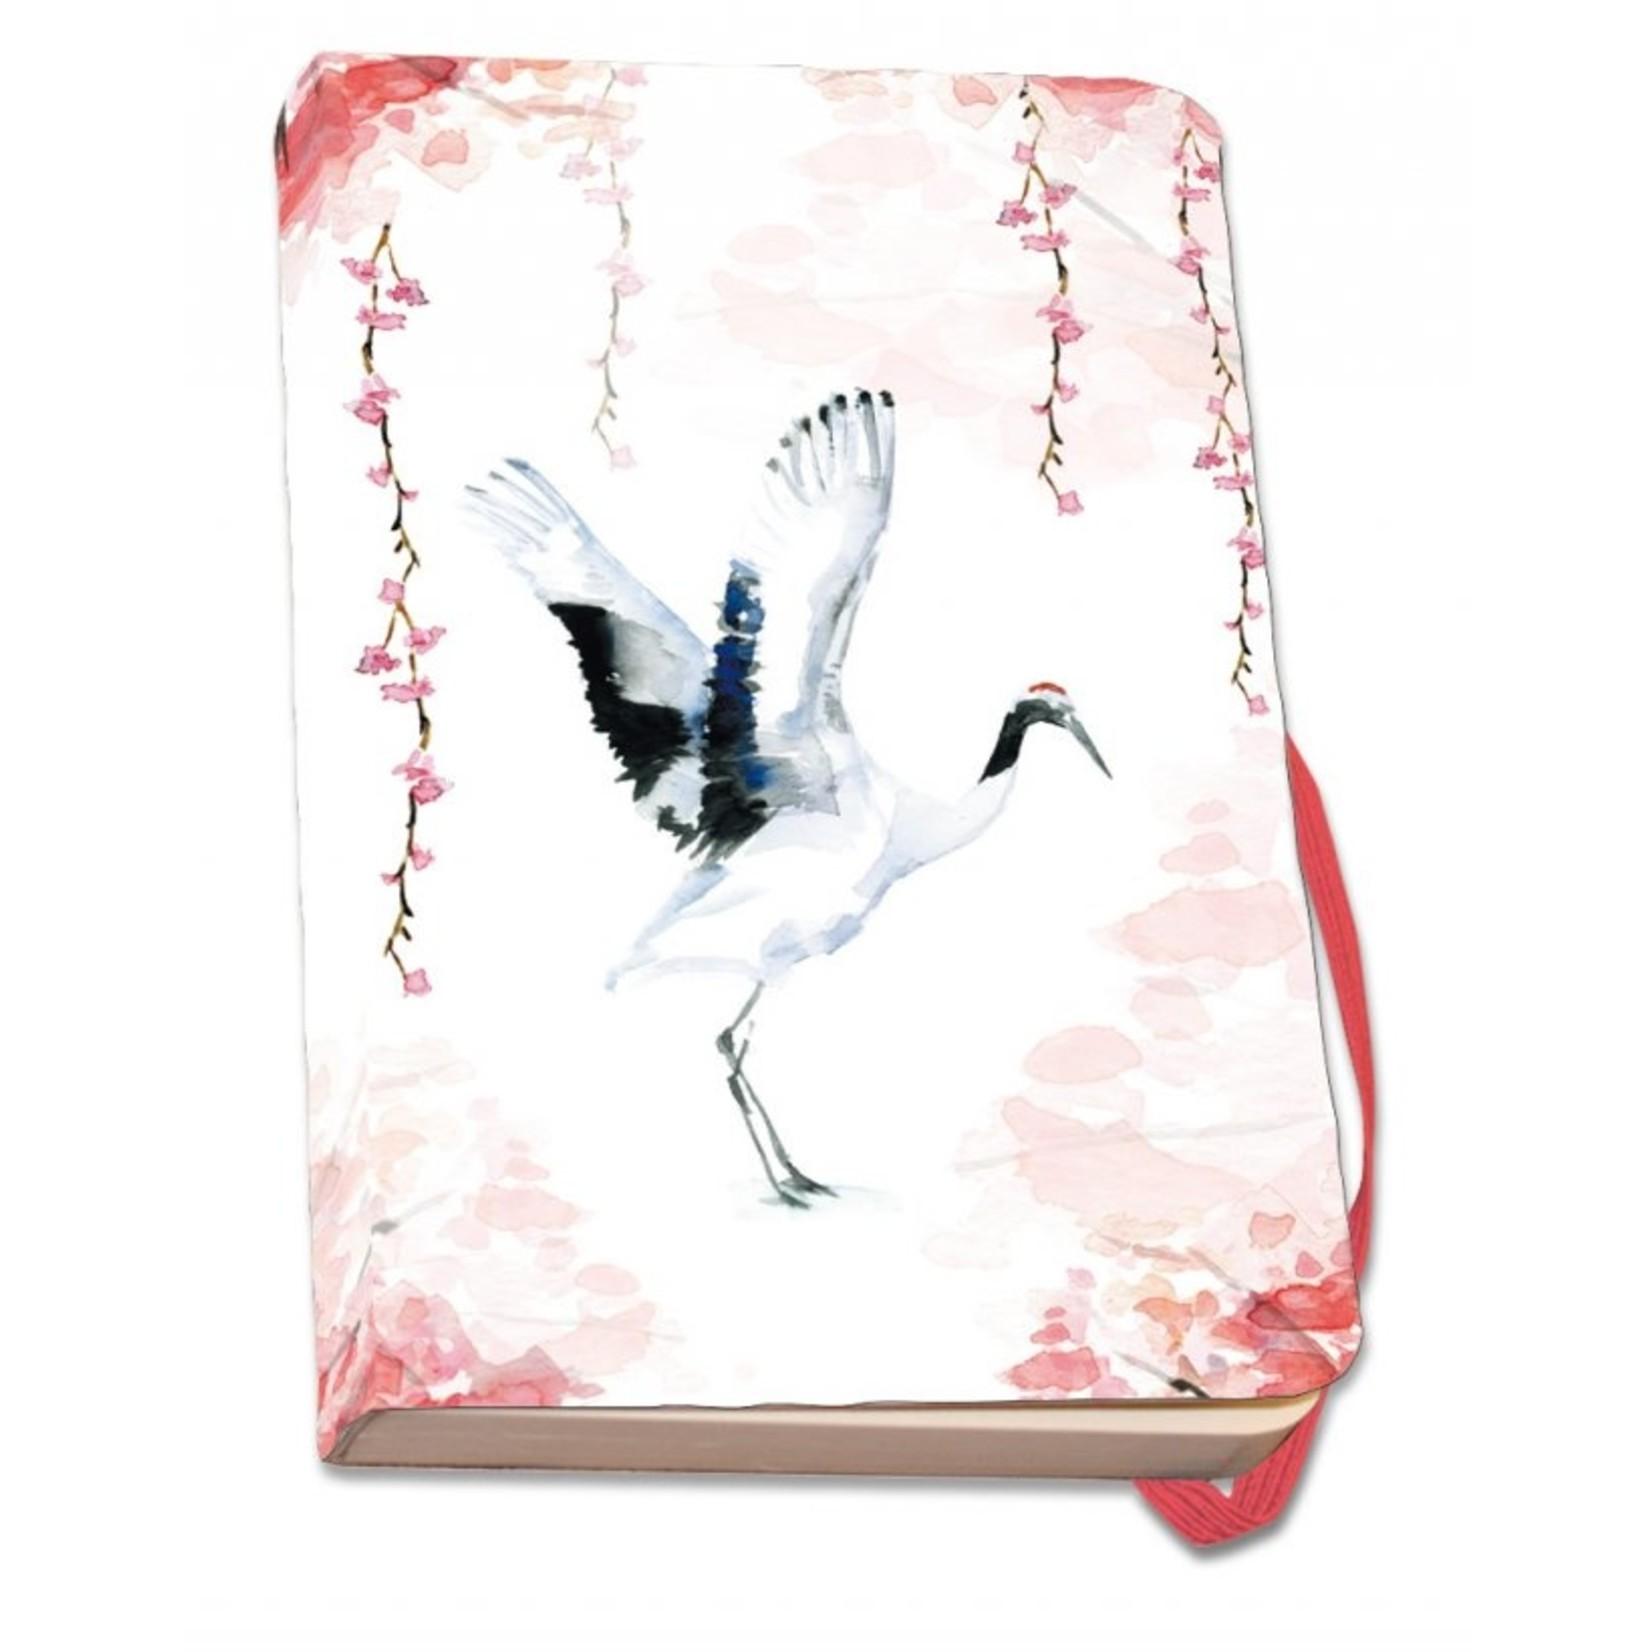 Bekking & Blitz   Notitieboek A6, zachte kaft: Touch of Zen, Michelle Dujardin